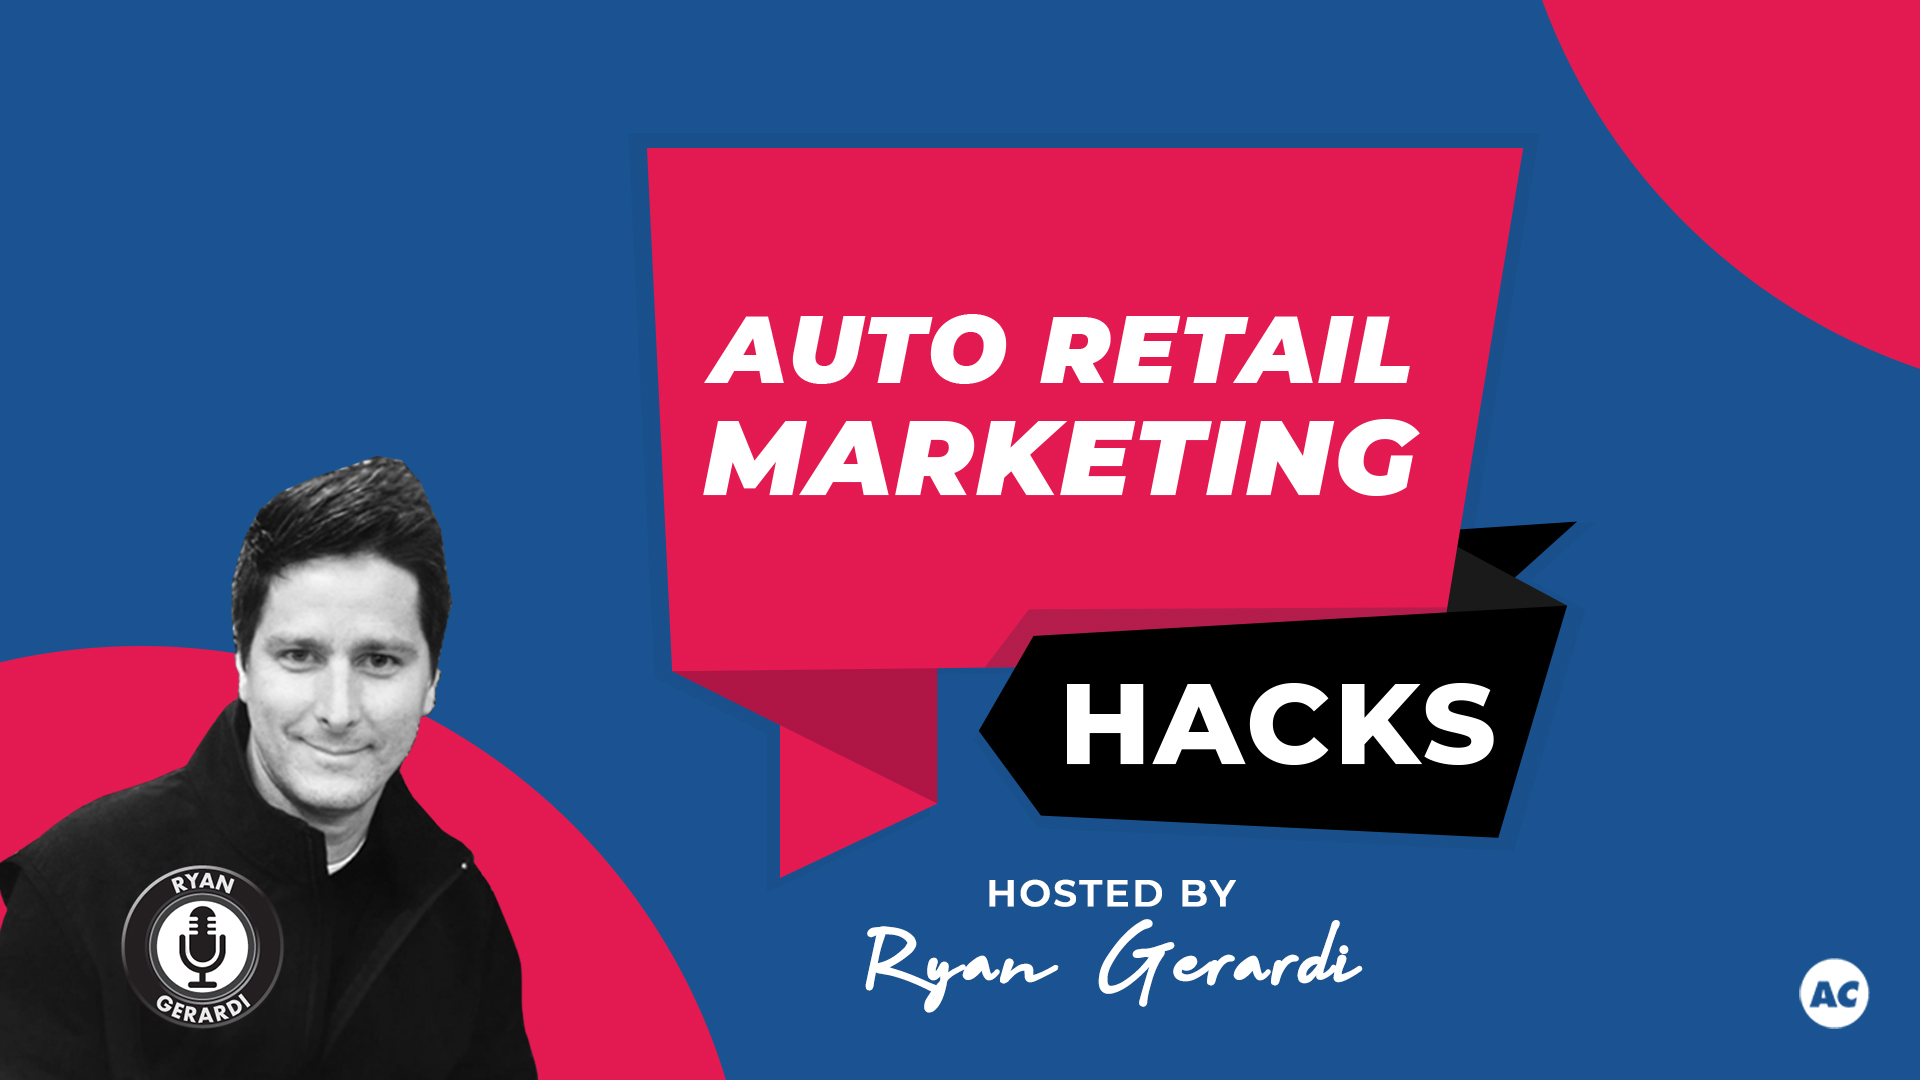 Auto Retail Marketing Hacks w/ Ryan Gerardi